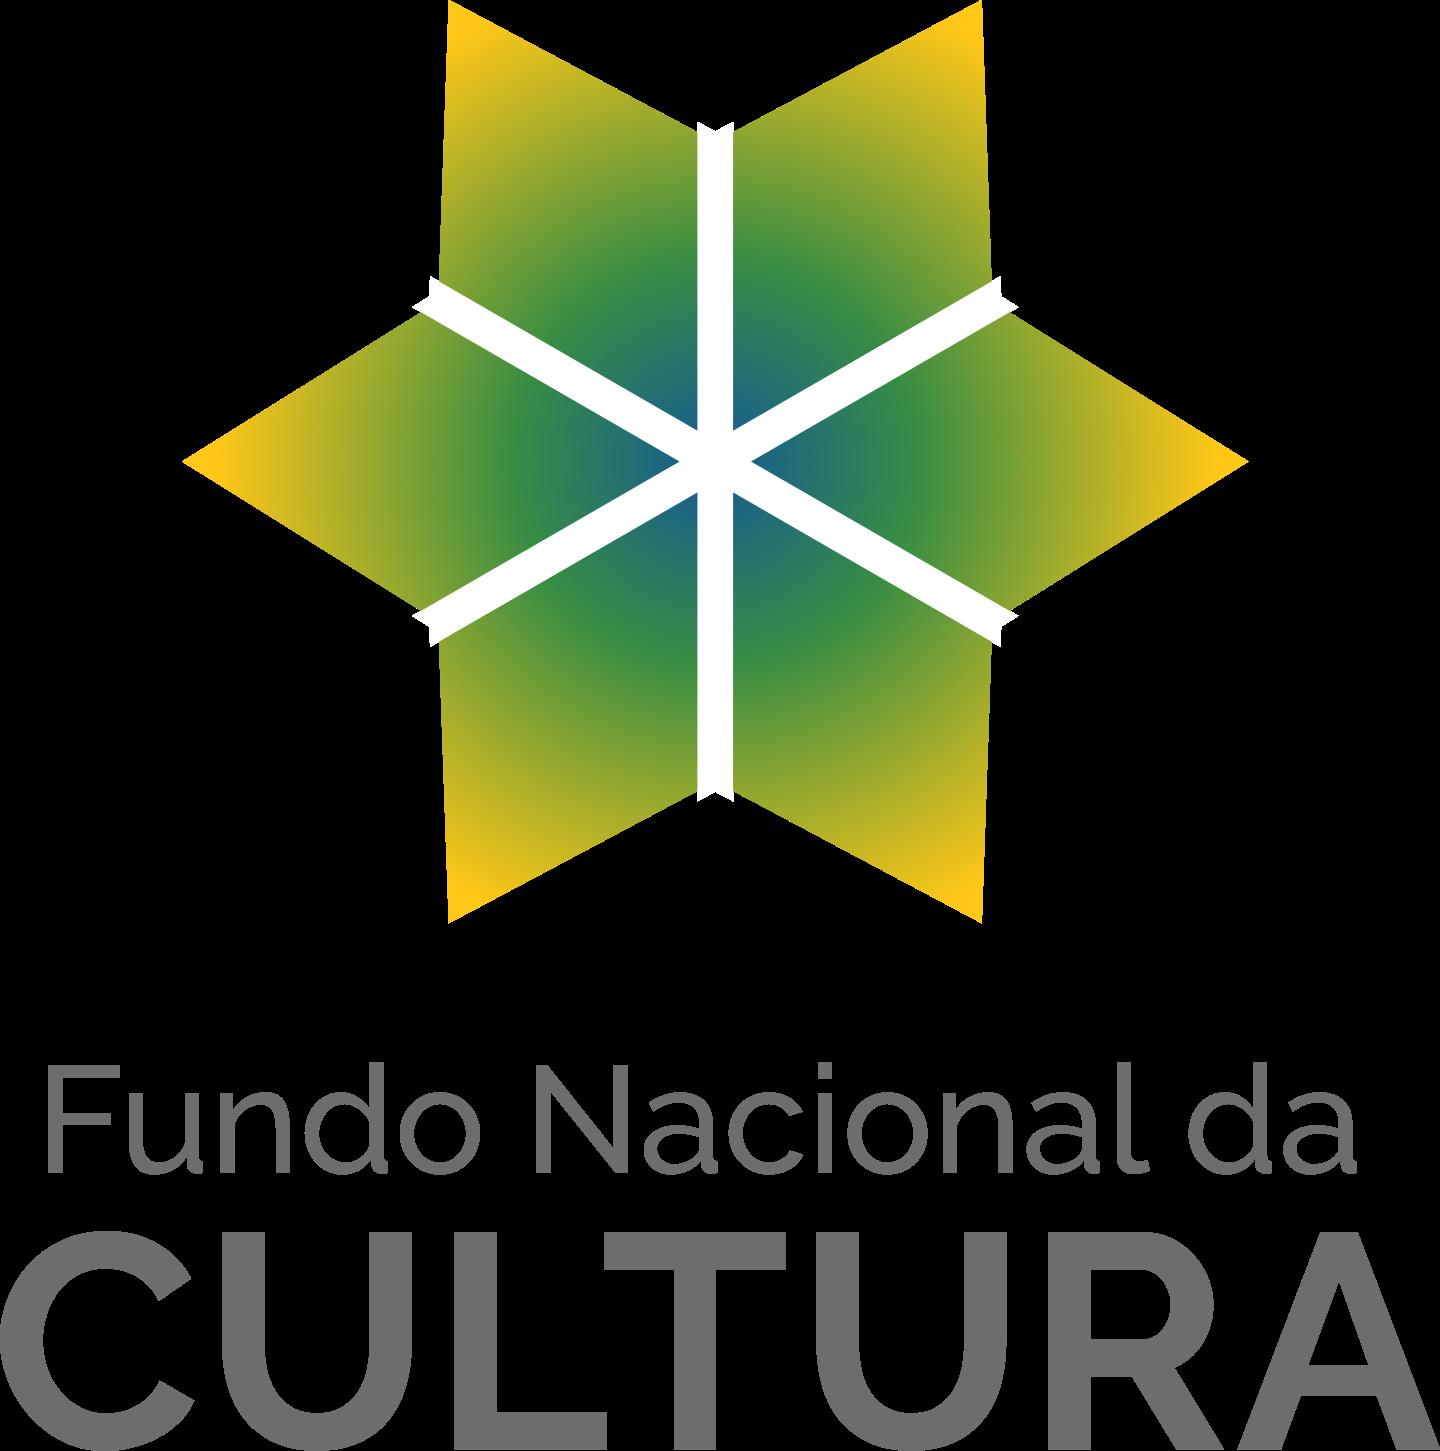 fundo nacional da cultura logo 2 - Fundo Nacional da Cultura Logo